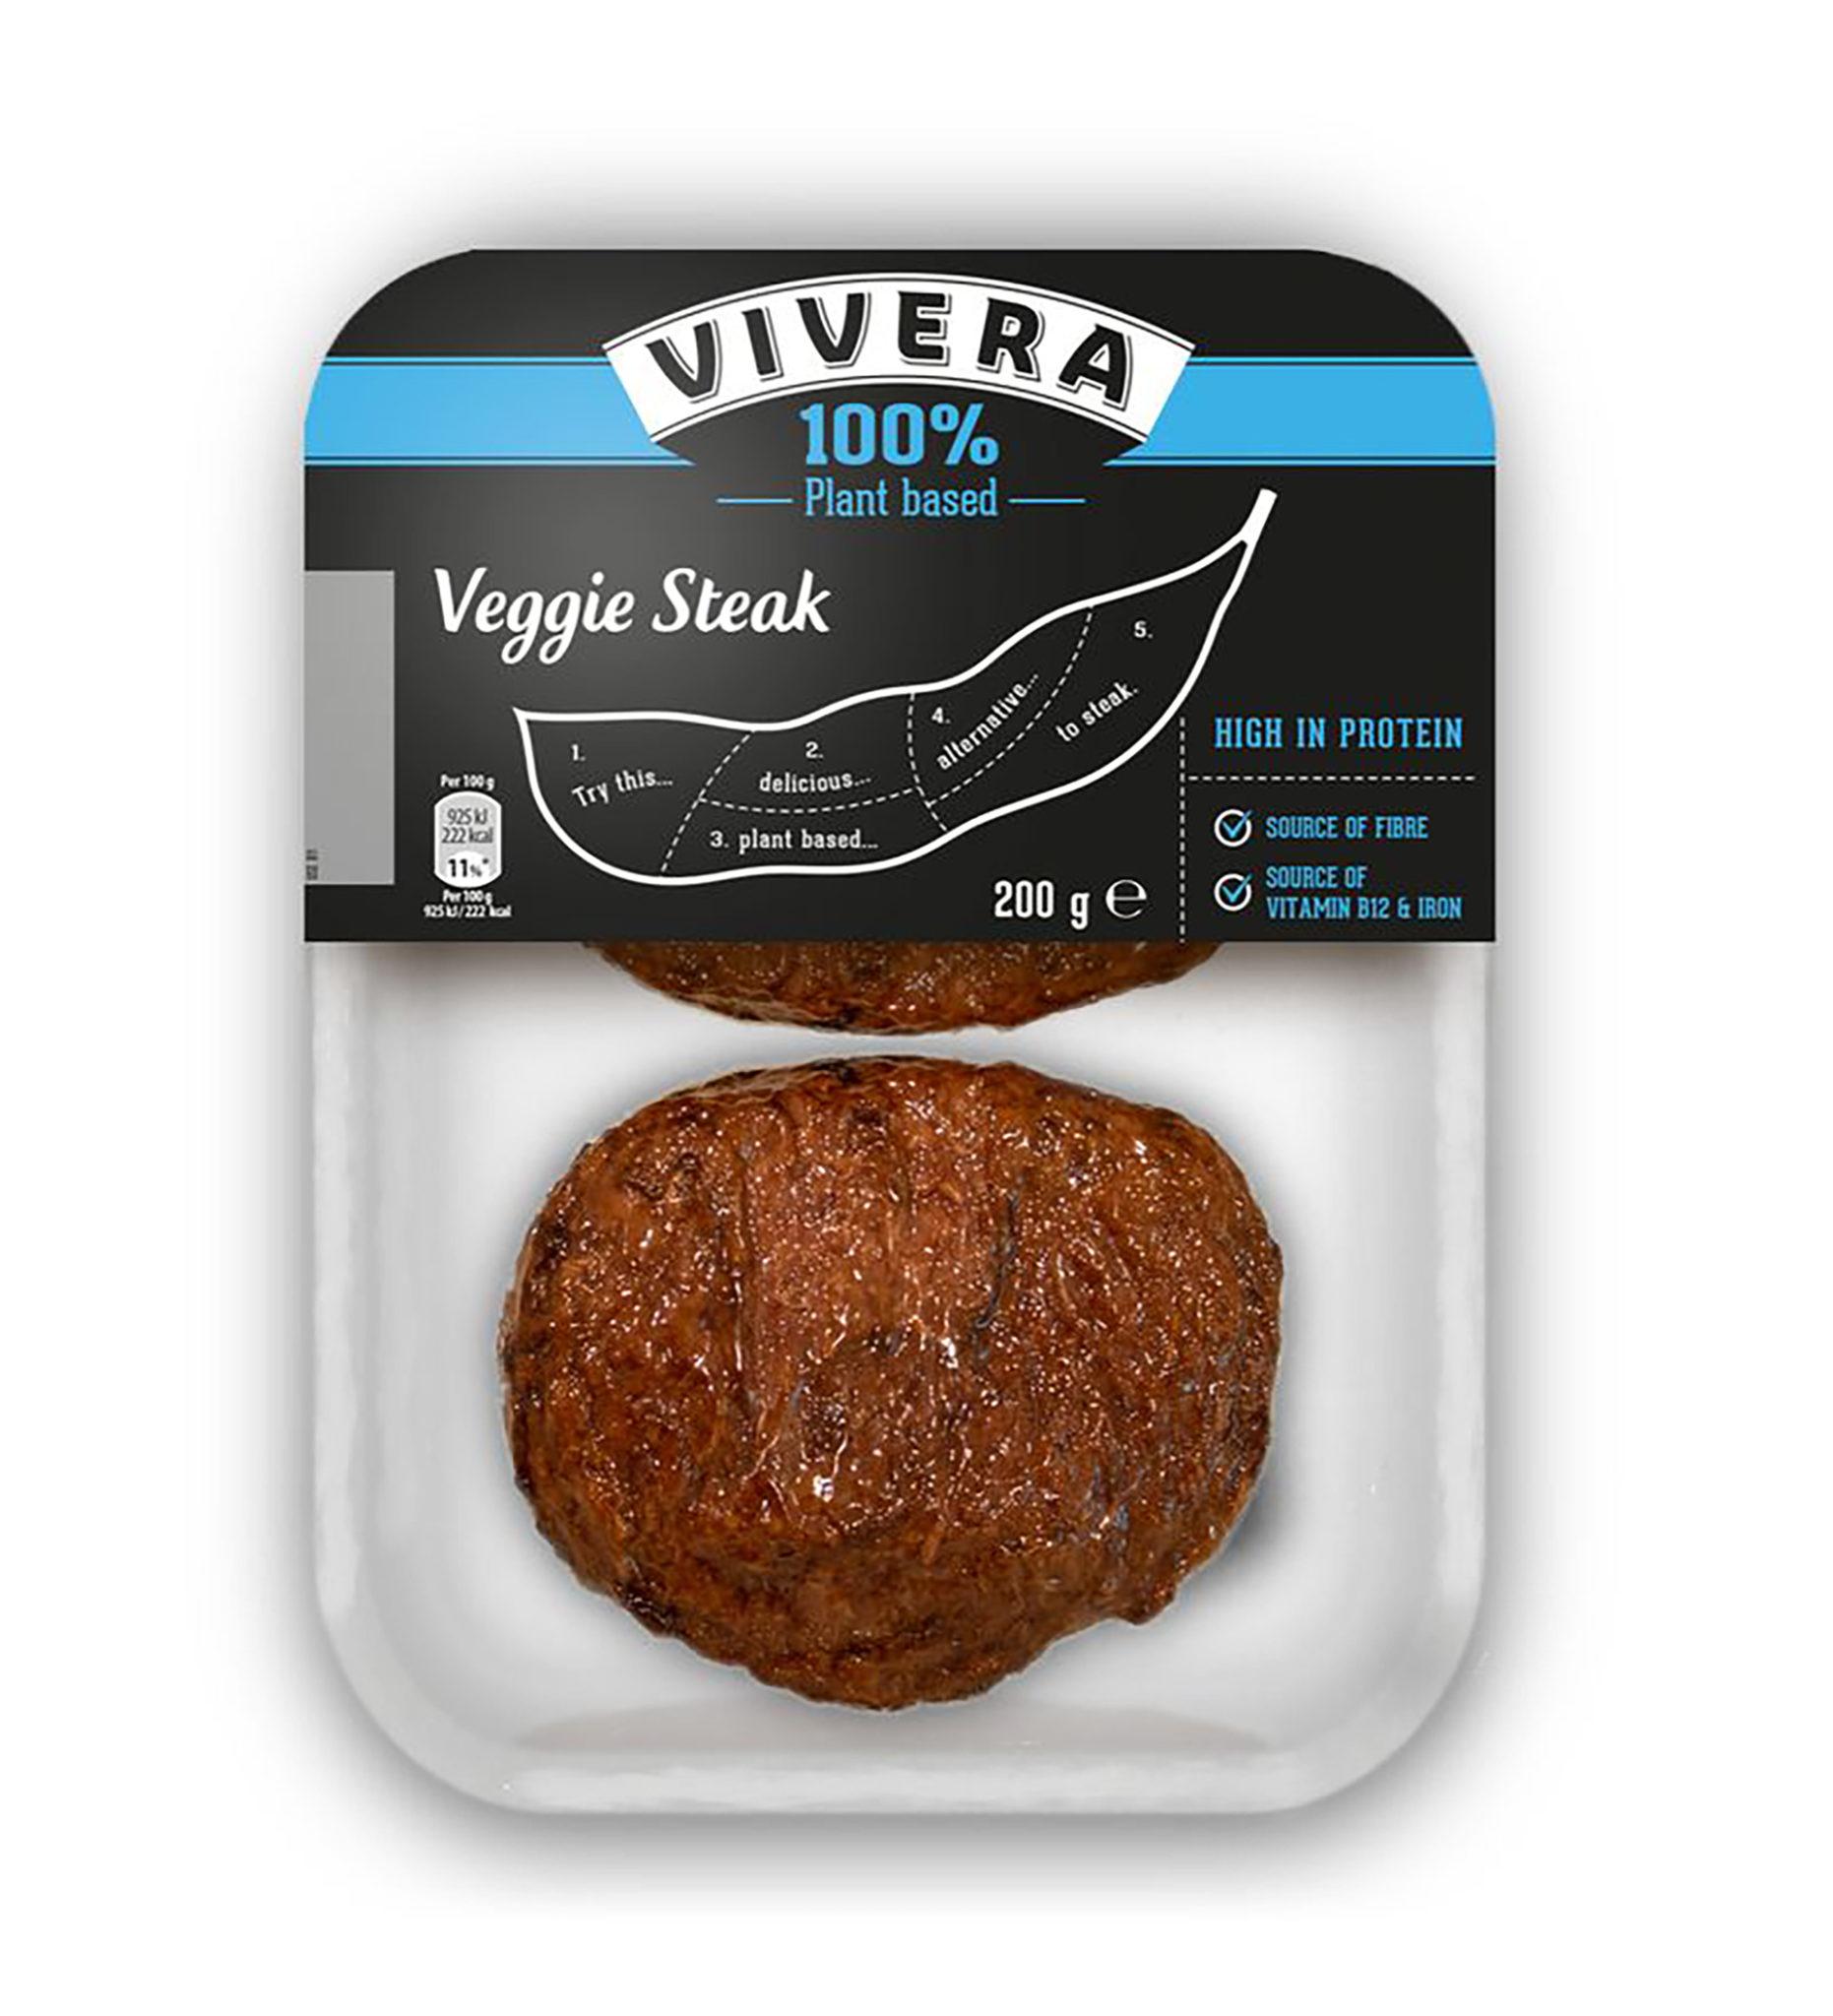 Vegan stek